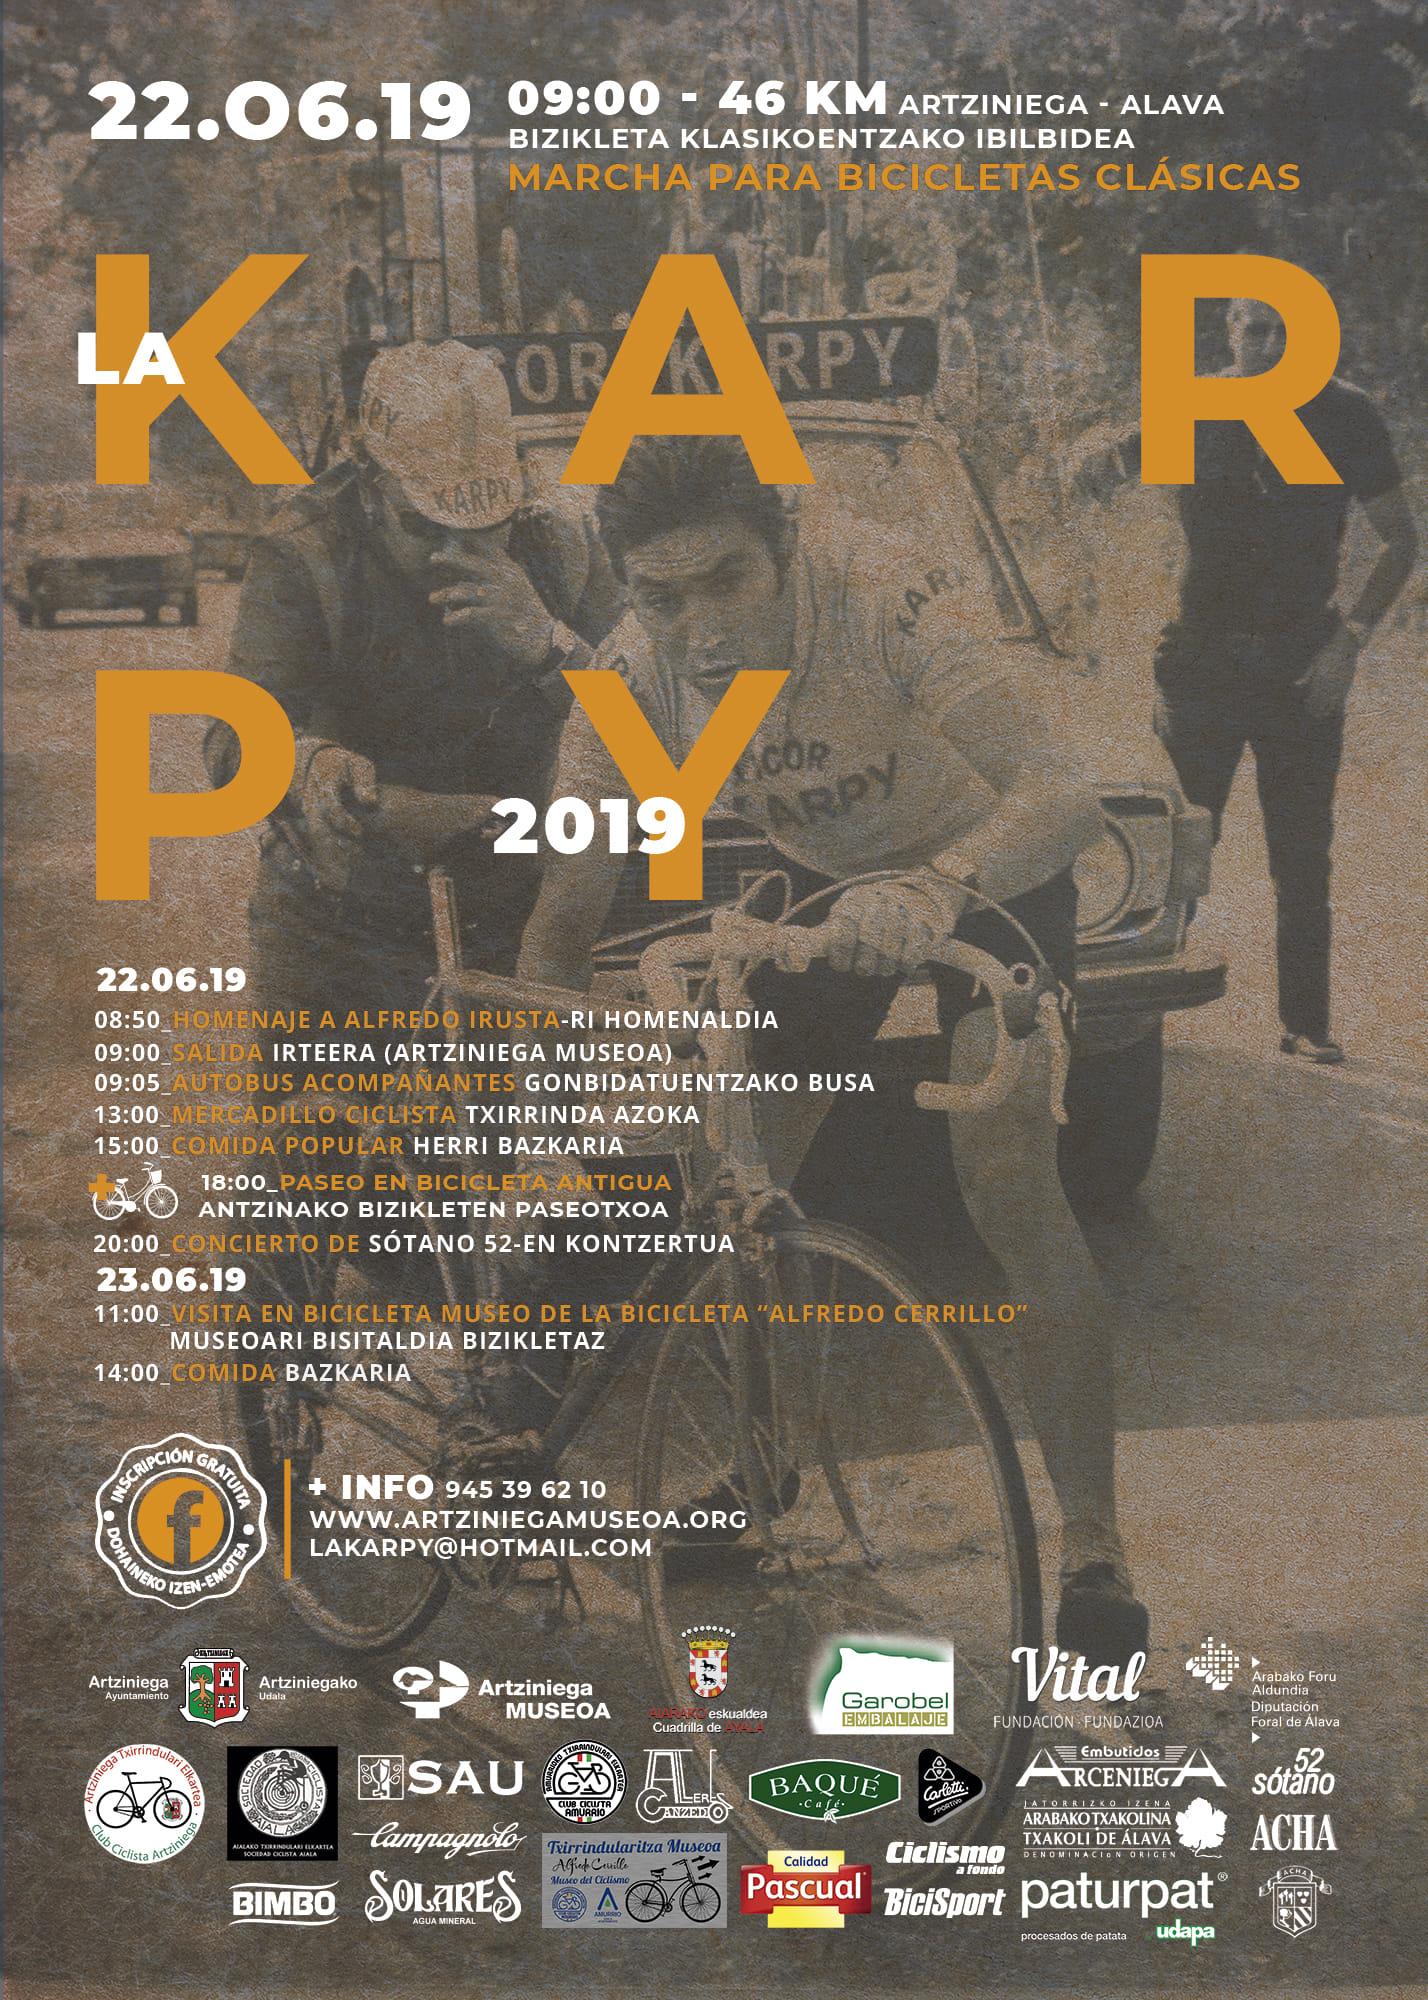 III Martxa Ciclista Clásica-LA KARPY-III Txirrindula Klasikoentzako Ibilaldia IZEN EMATEA ITXITA!! CERRADA LA INSCRIPCIÓN!!